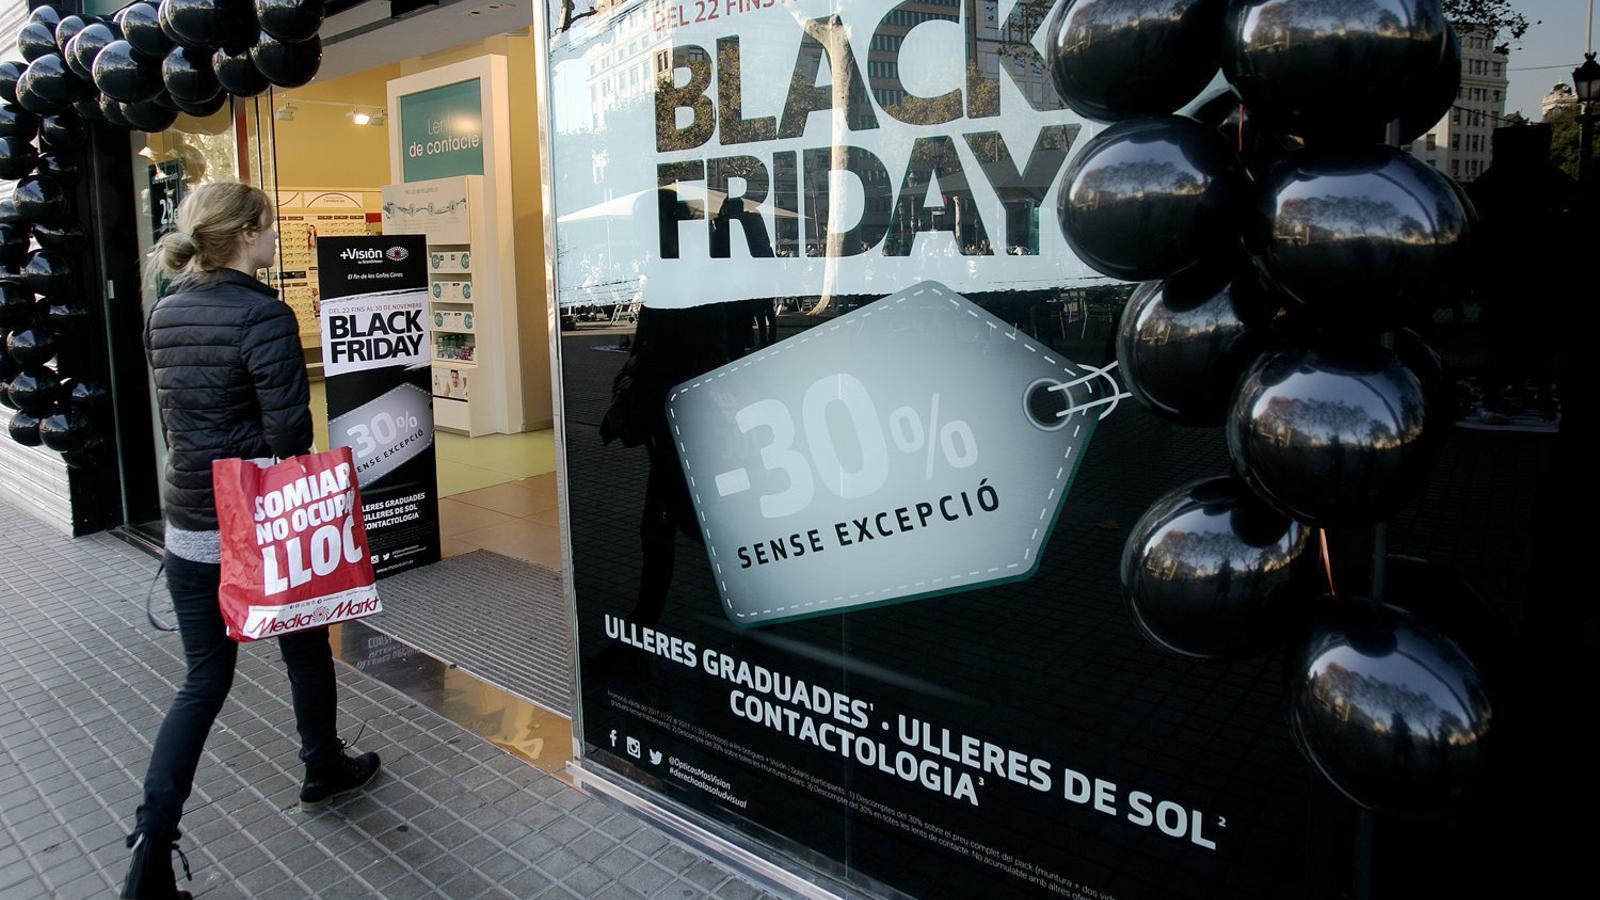 Una òptica anunciant els descomptes del Black Friday a Barcelona. Els petits comerços tornaran a presentar-se a la cita.